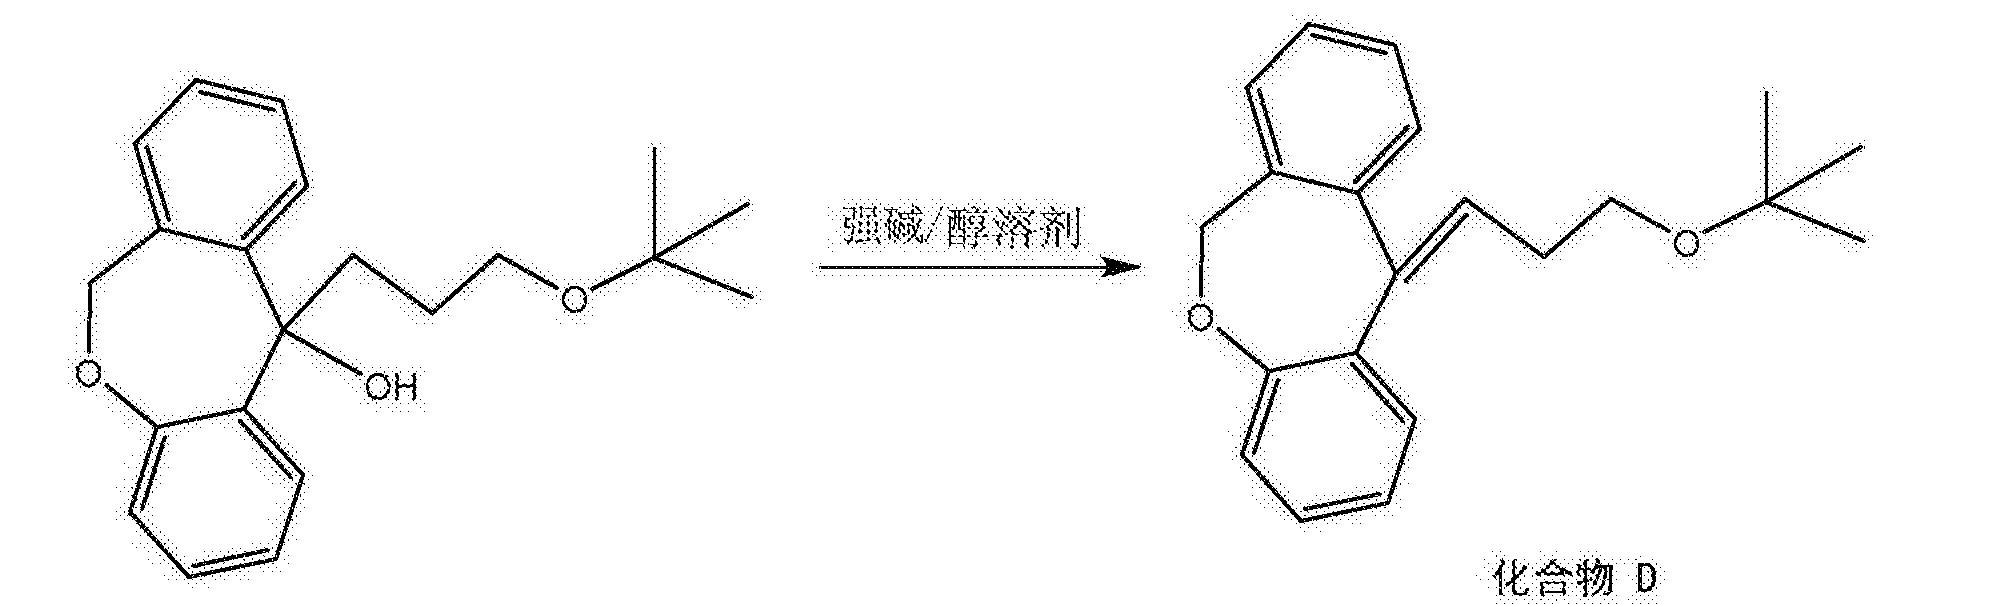 Figure CN105330638AC00032